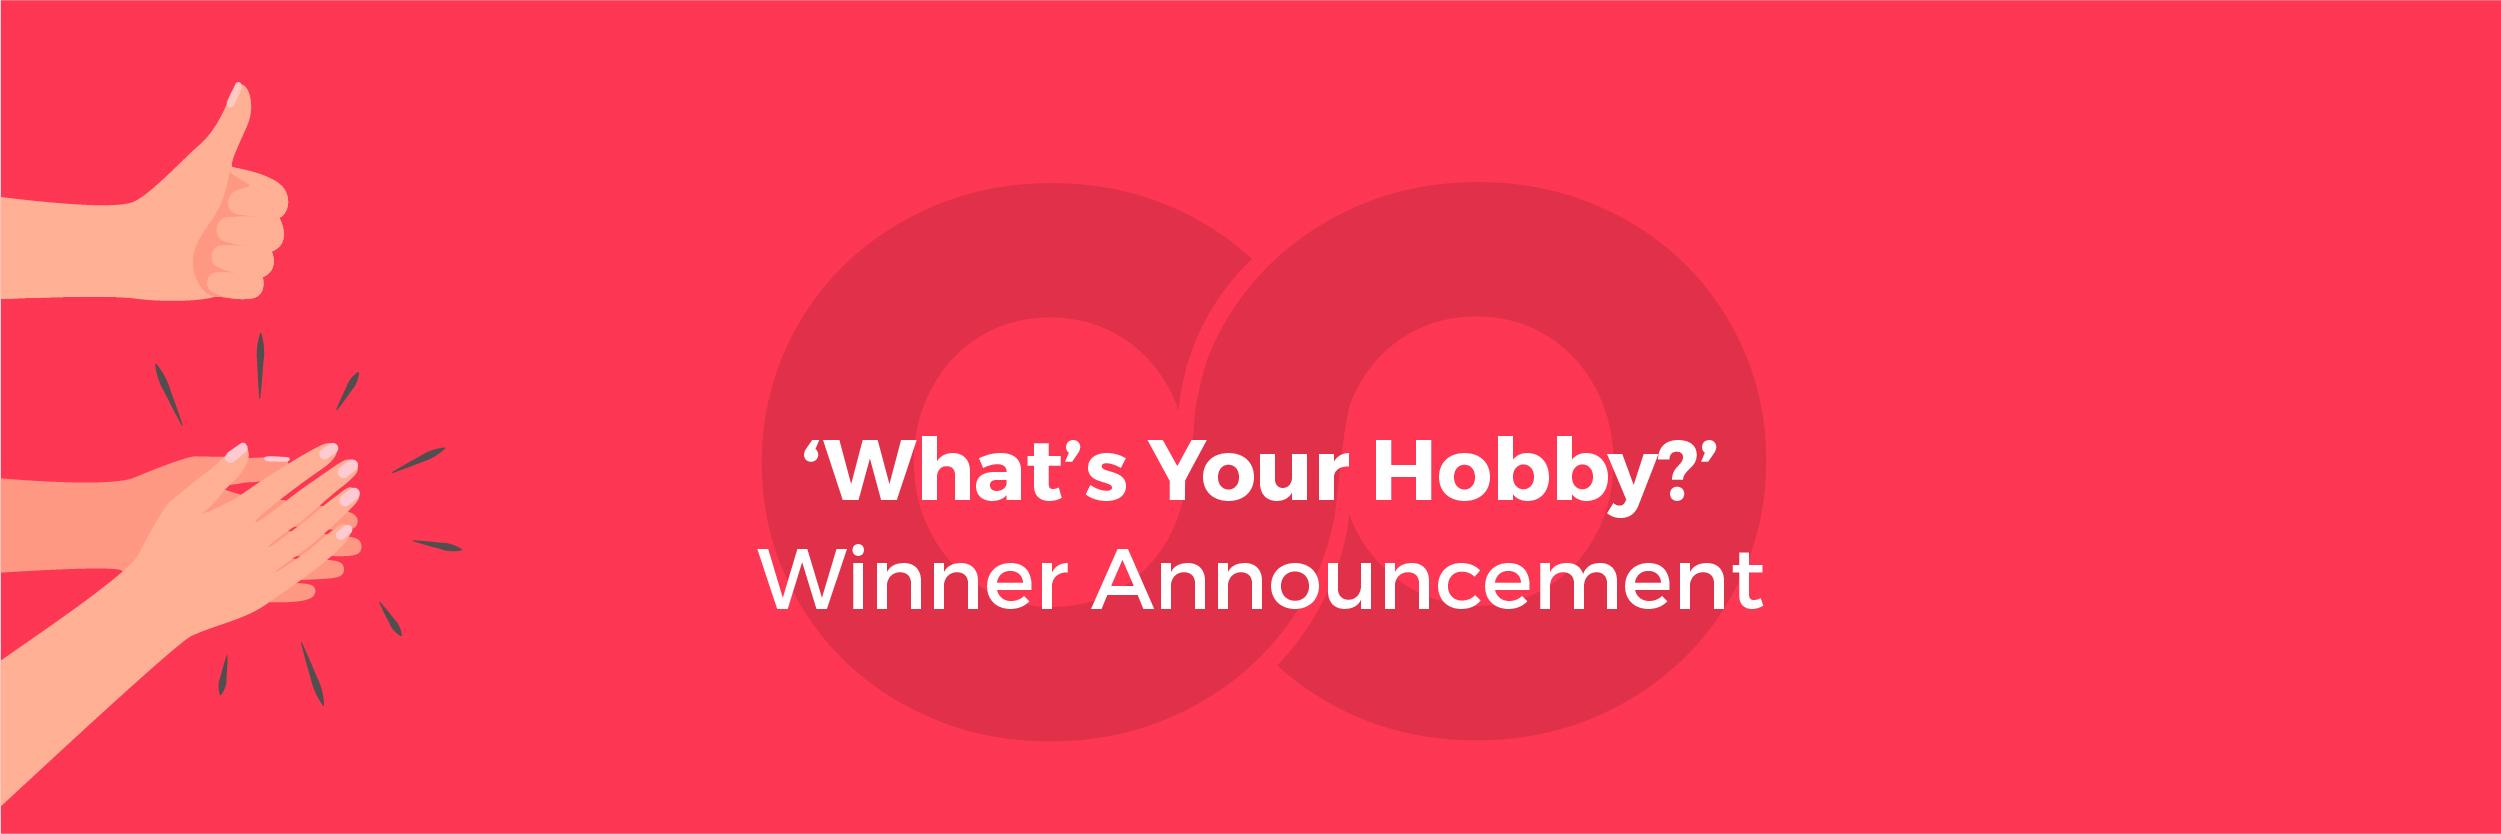 Hobby Winner Announcement